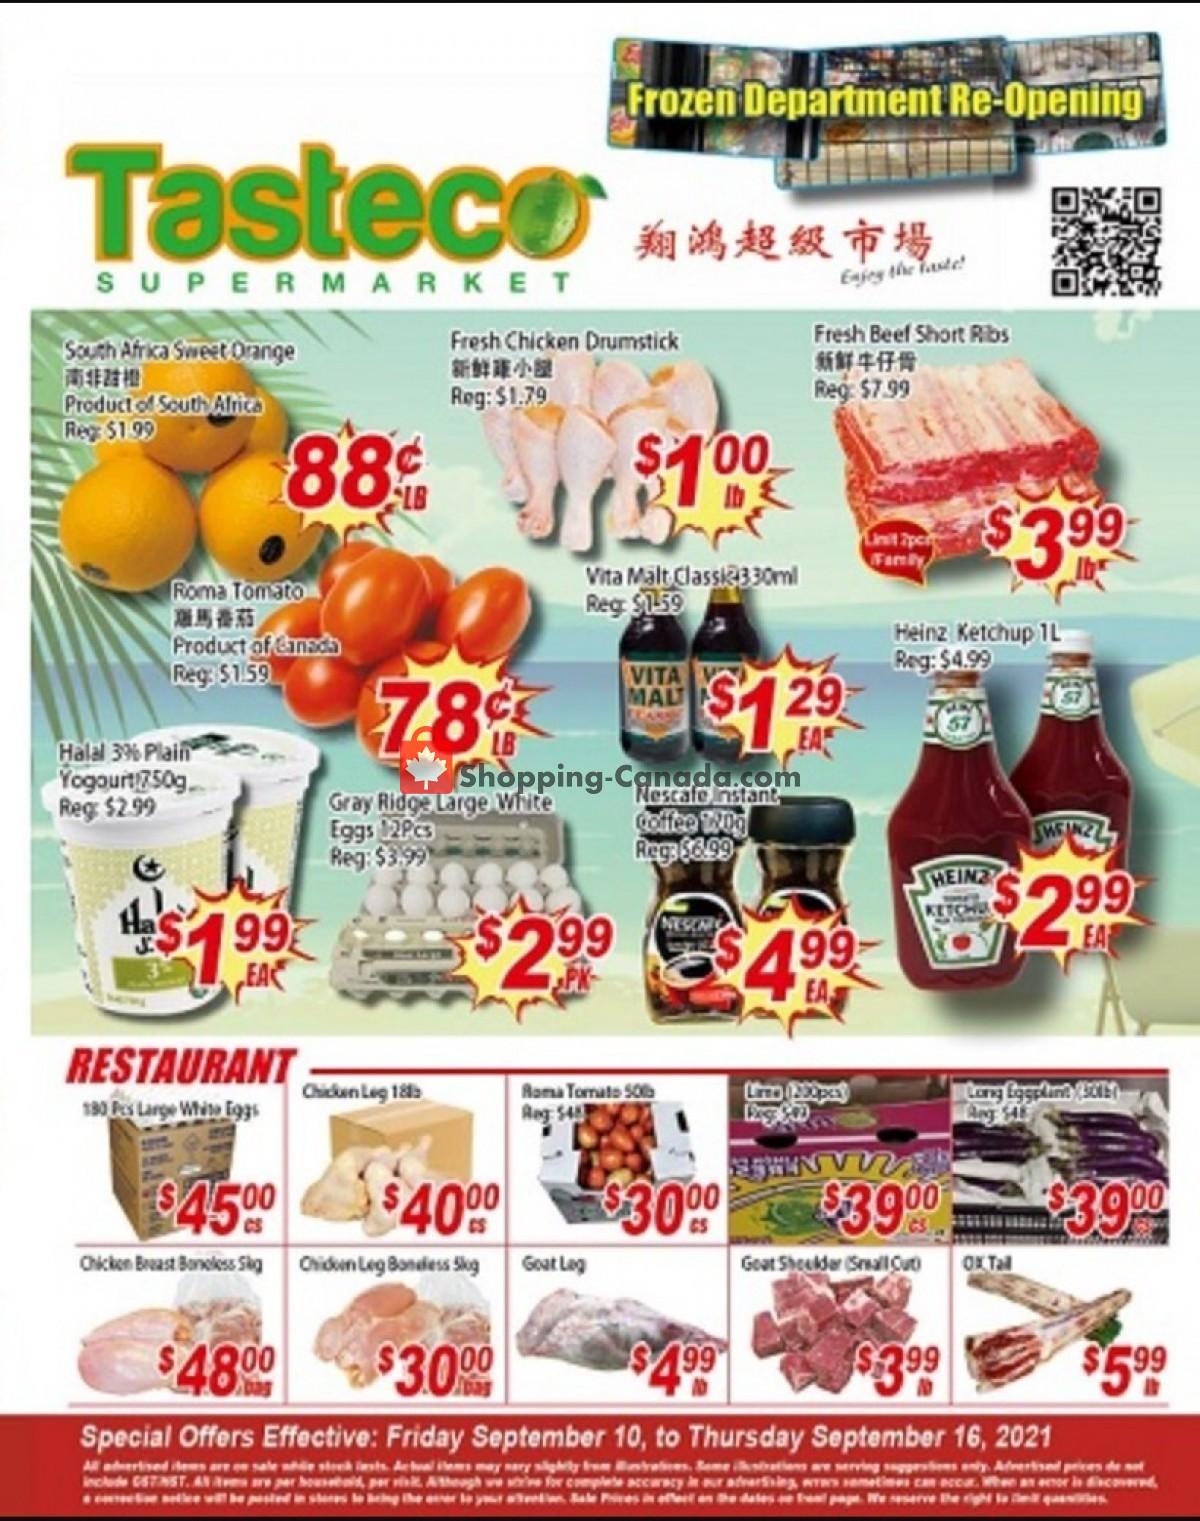 Flyer Tasteco Supermarket Canada - from Friday September 10, 2021 to Thursday September 16, 2021